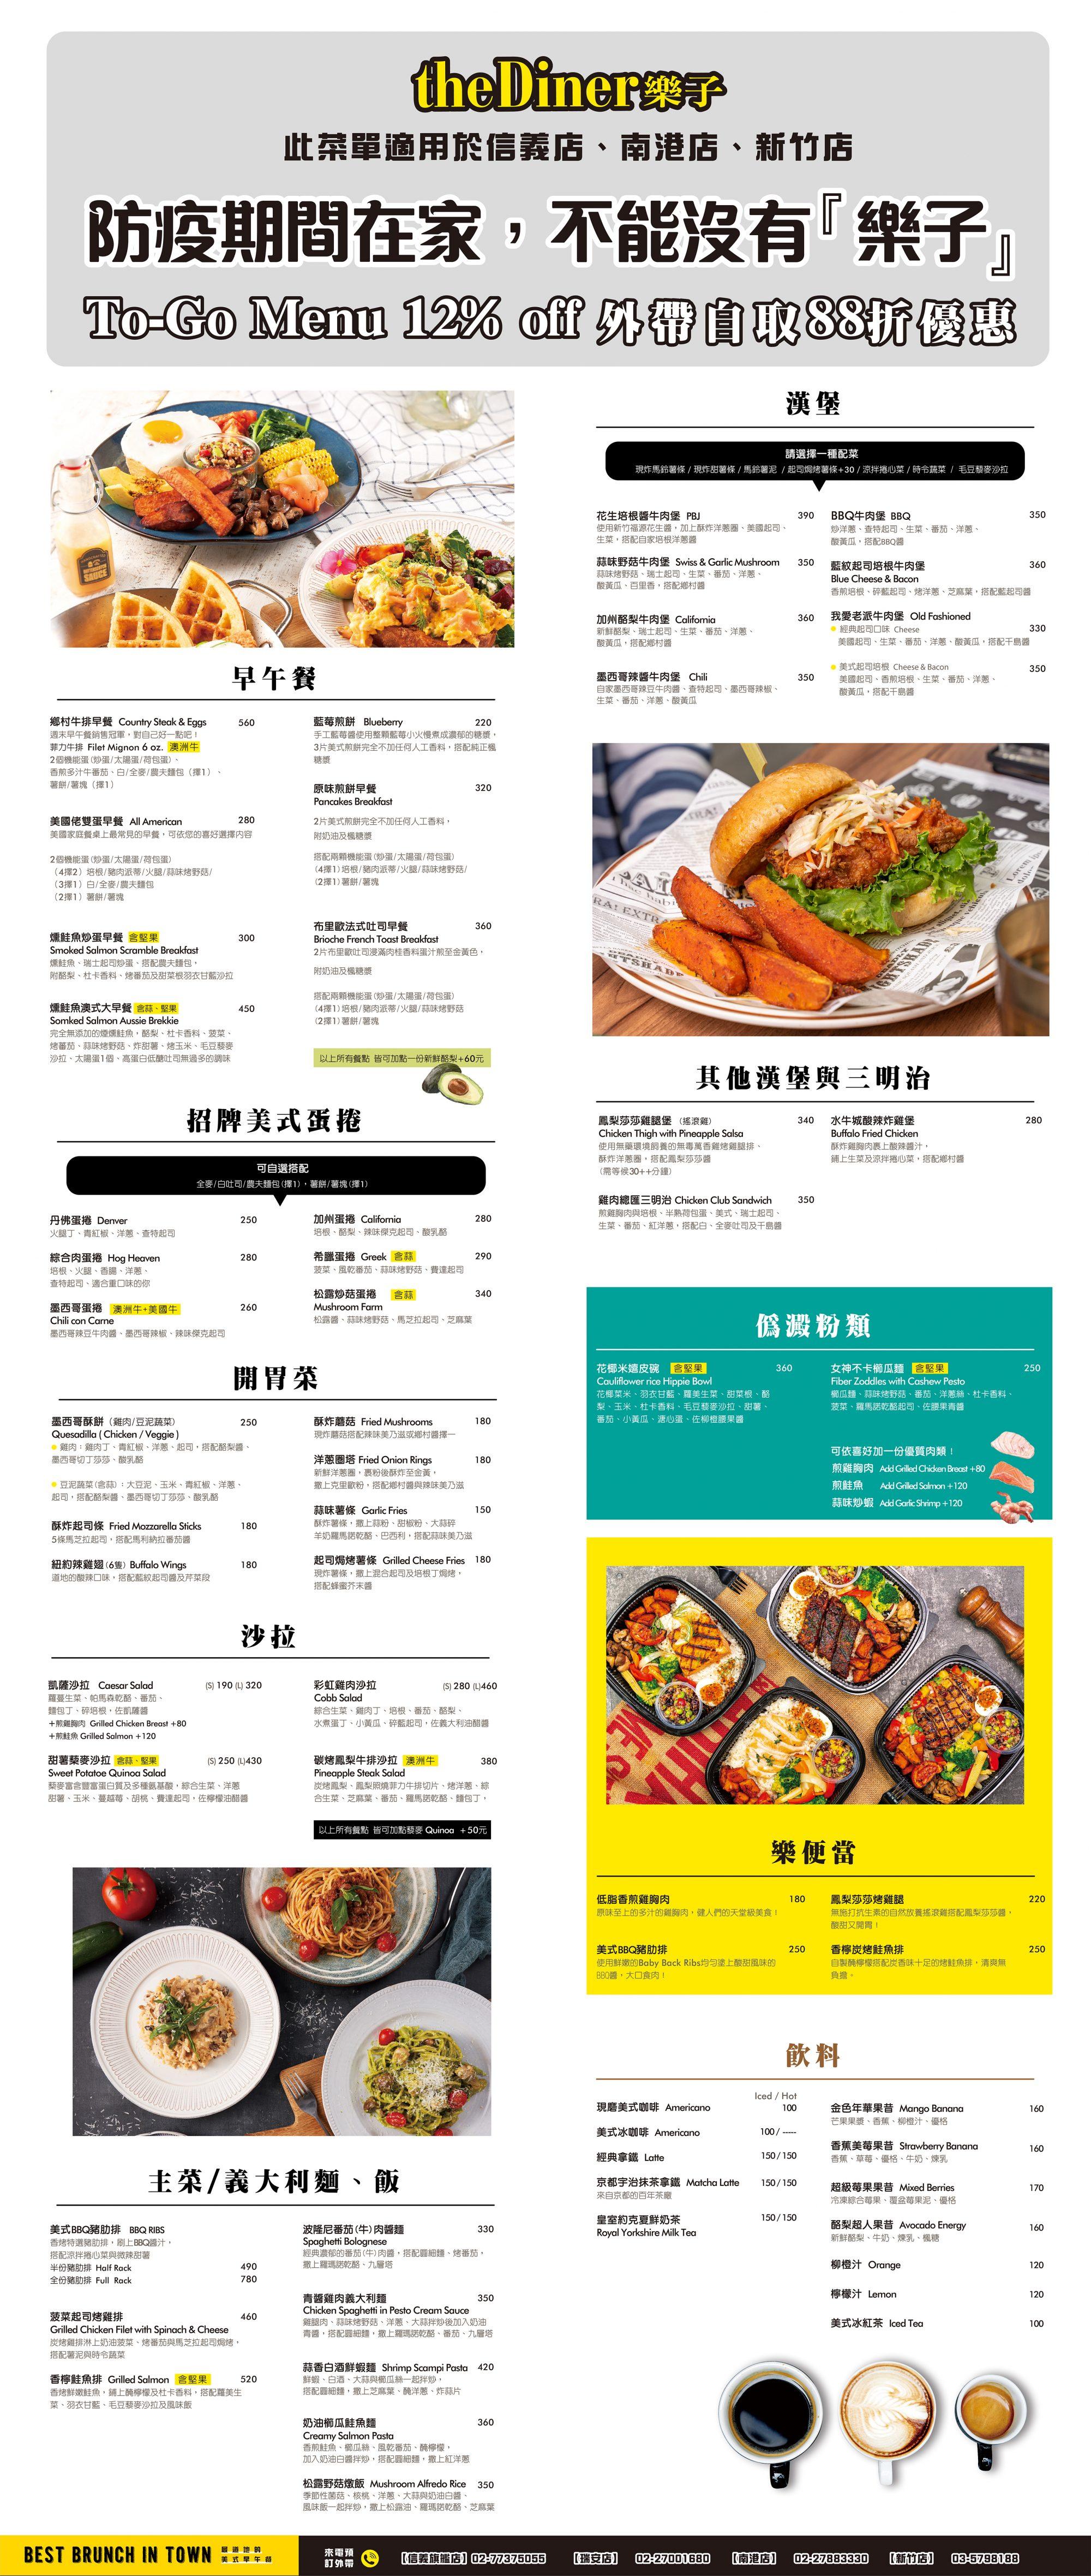 信義、南港、新竹線上外帶菜單